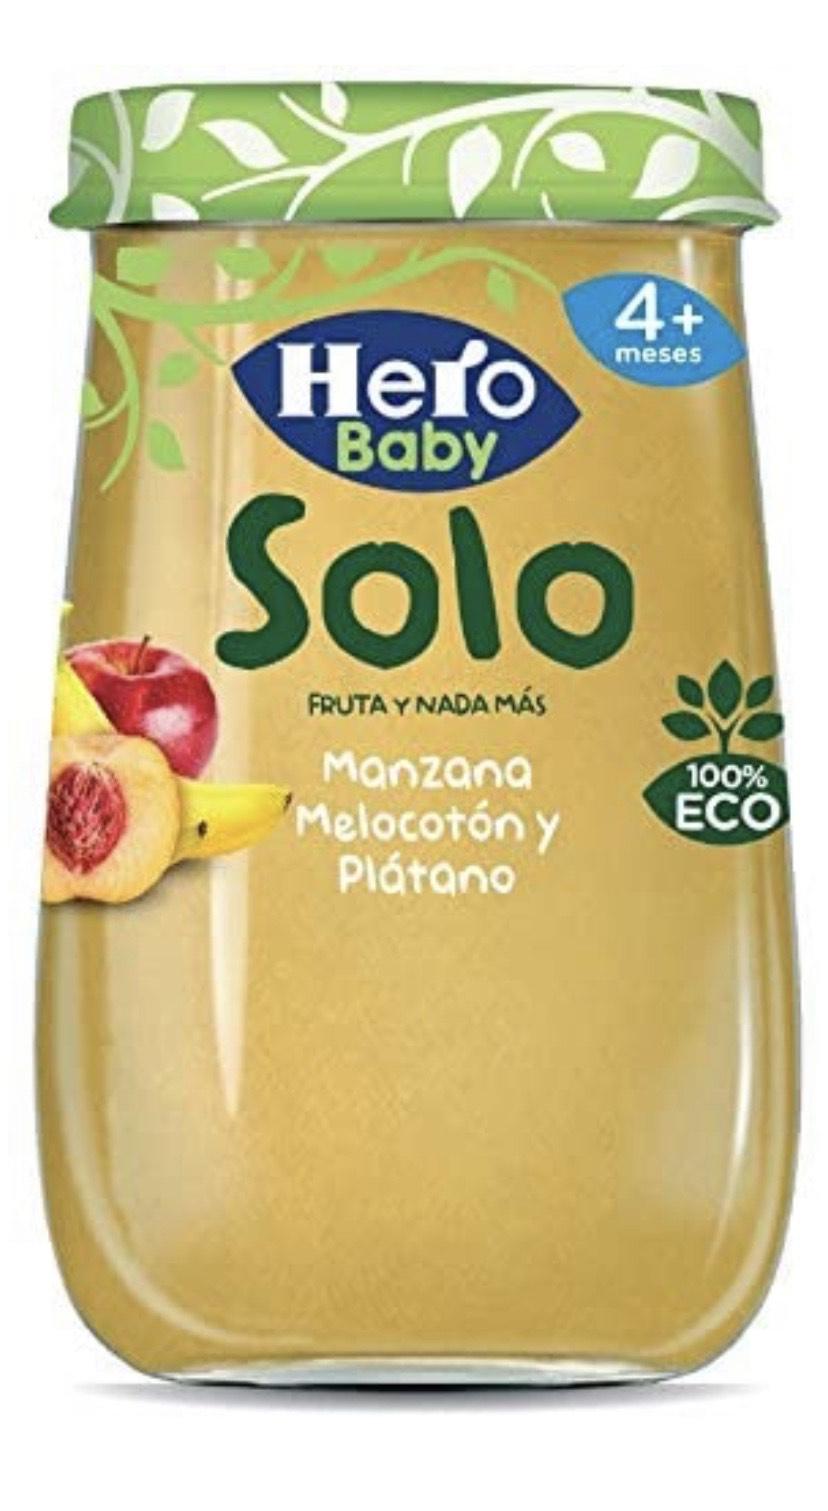 Hero baby solo fruta y nada más manzana, melocotón y plátano a 190 gr